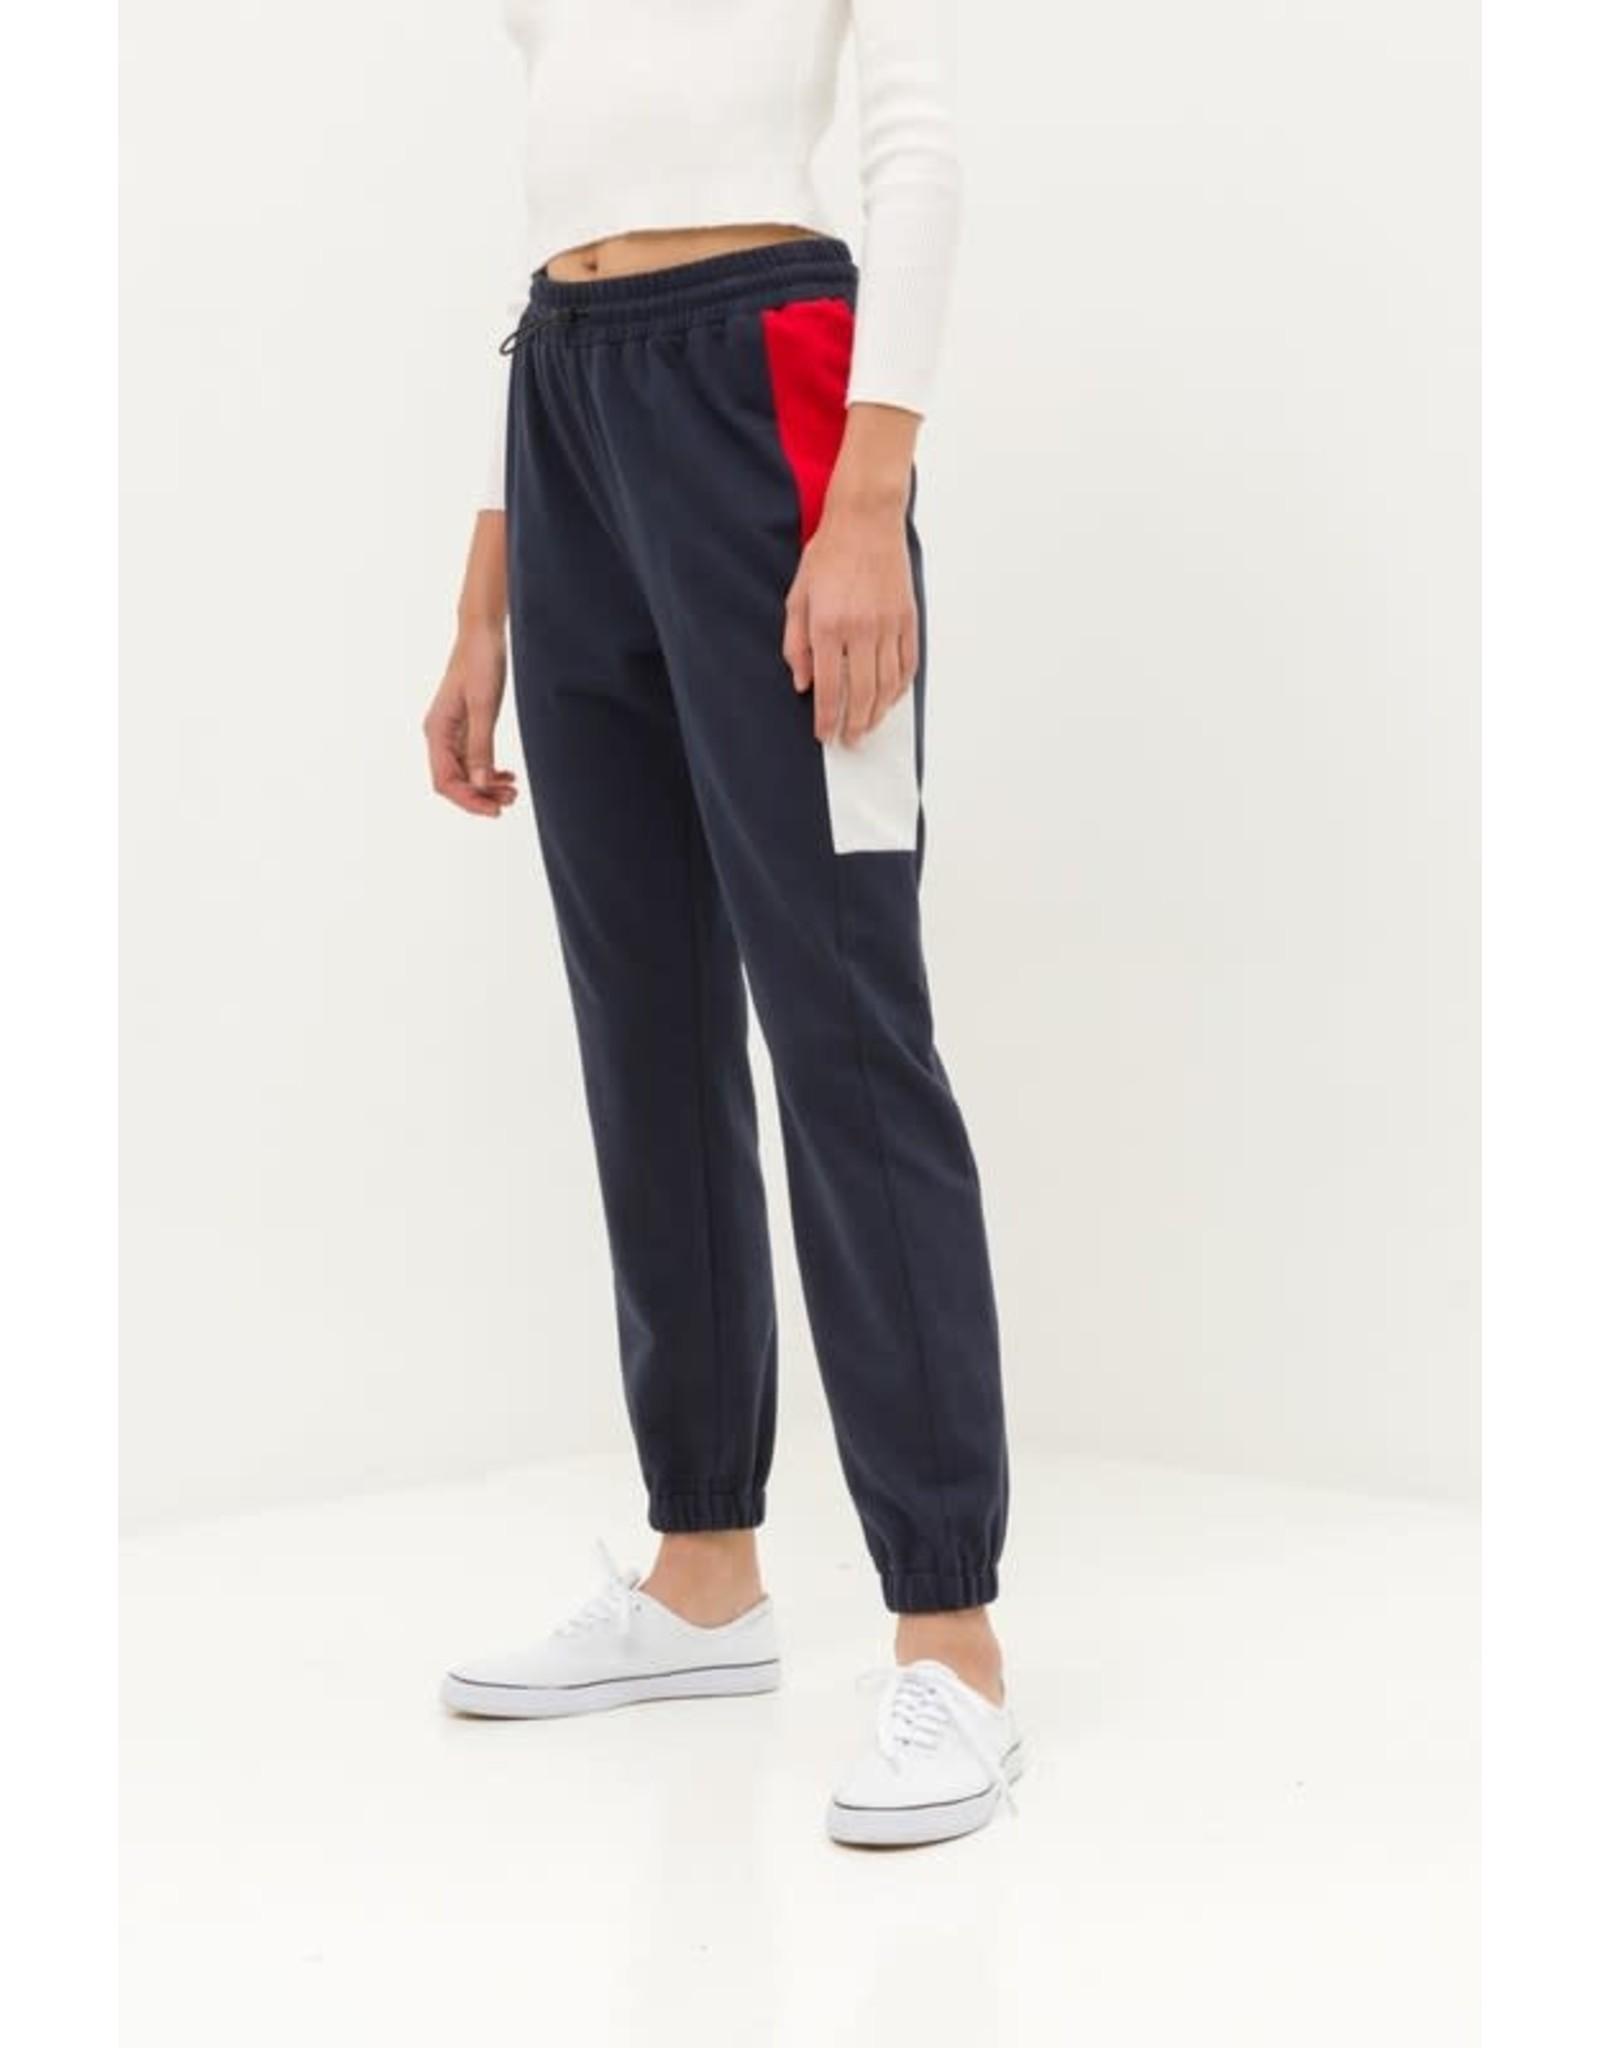 TLC Color Block Jogger Pants